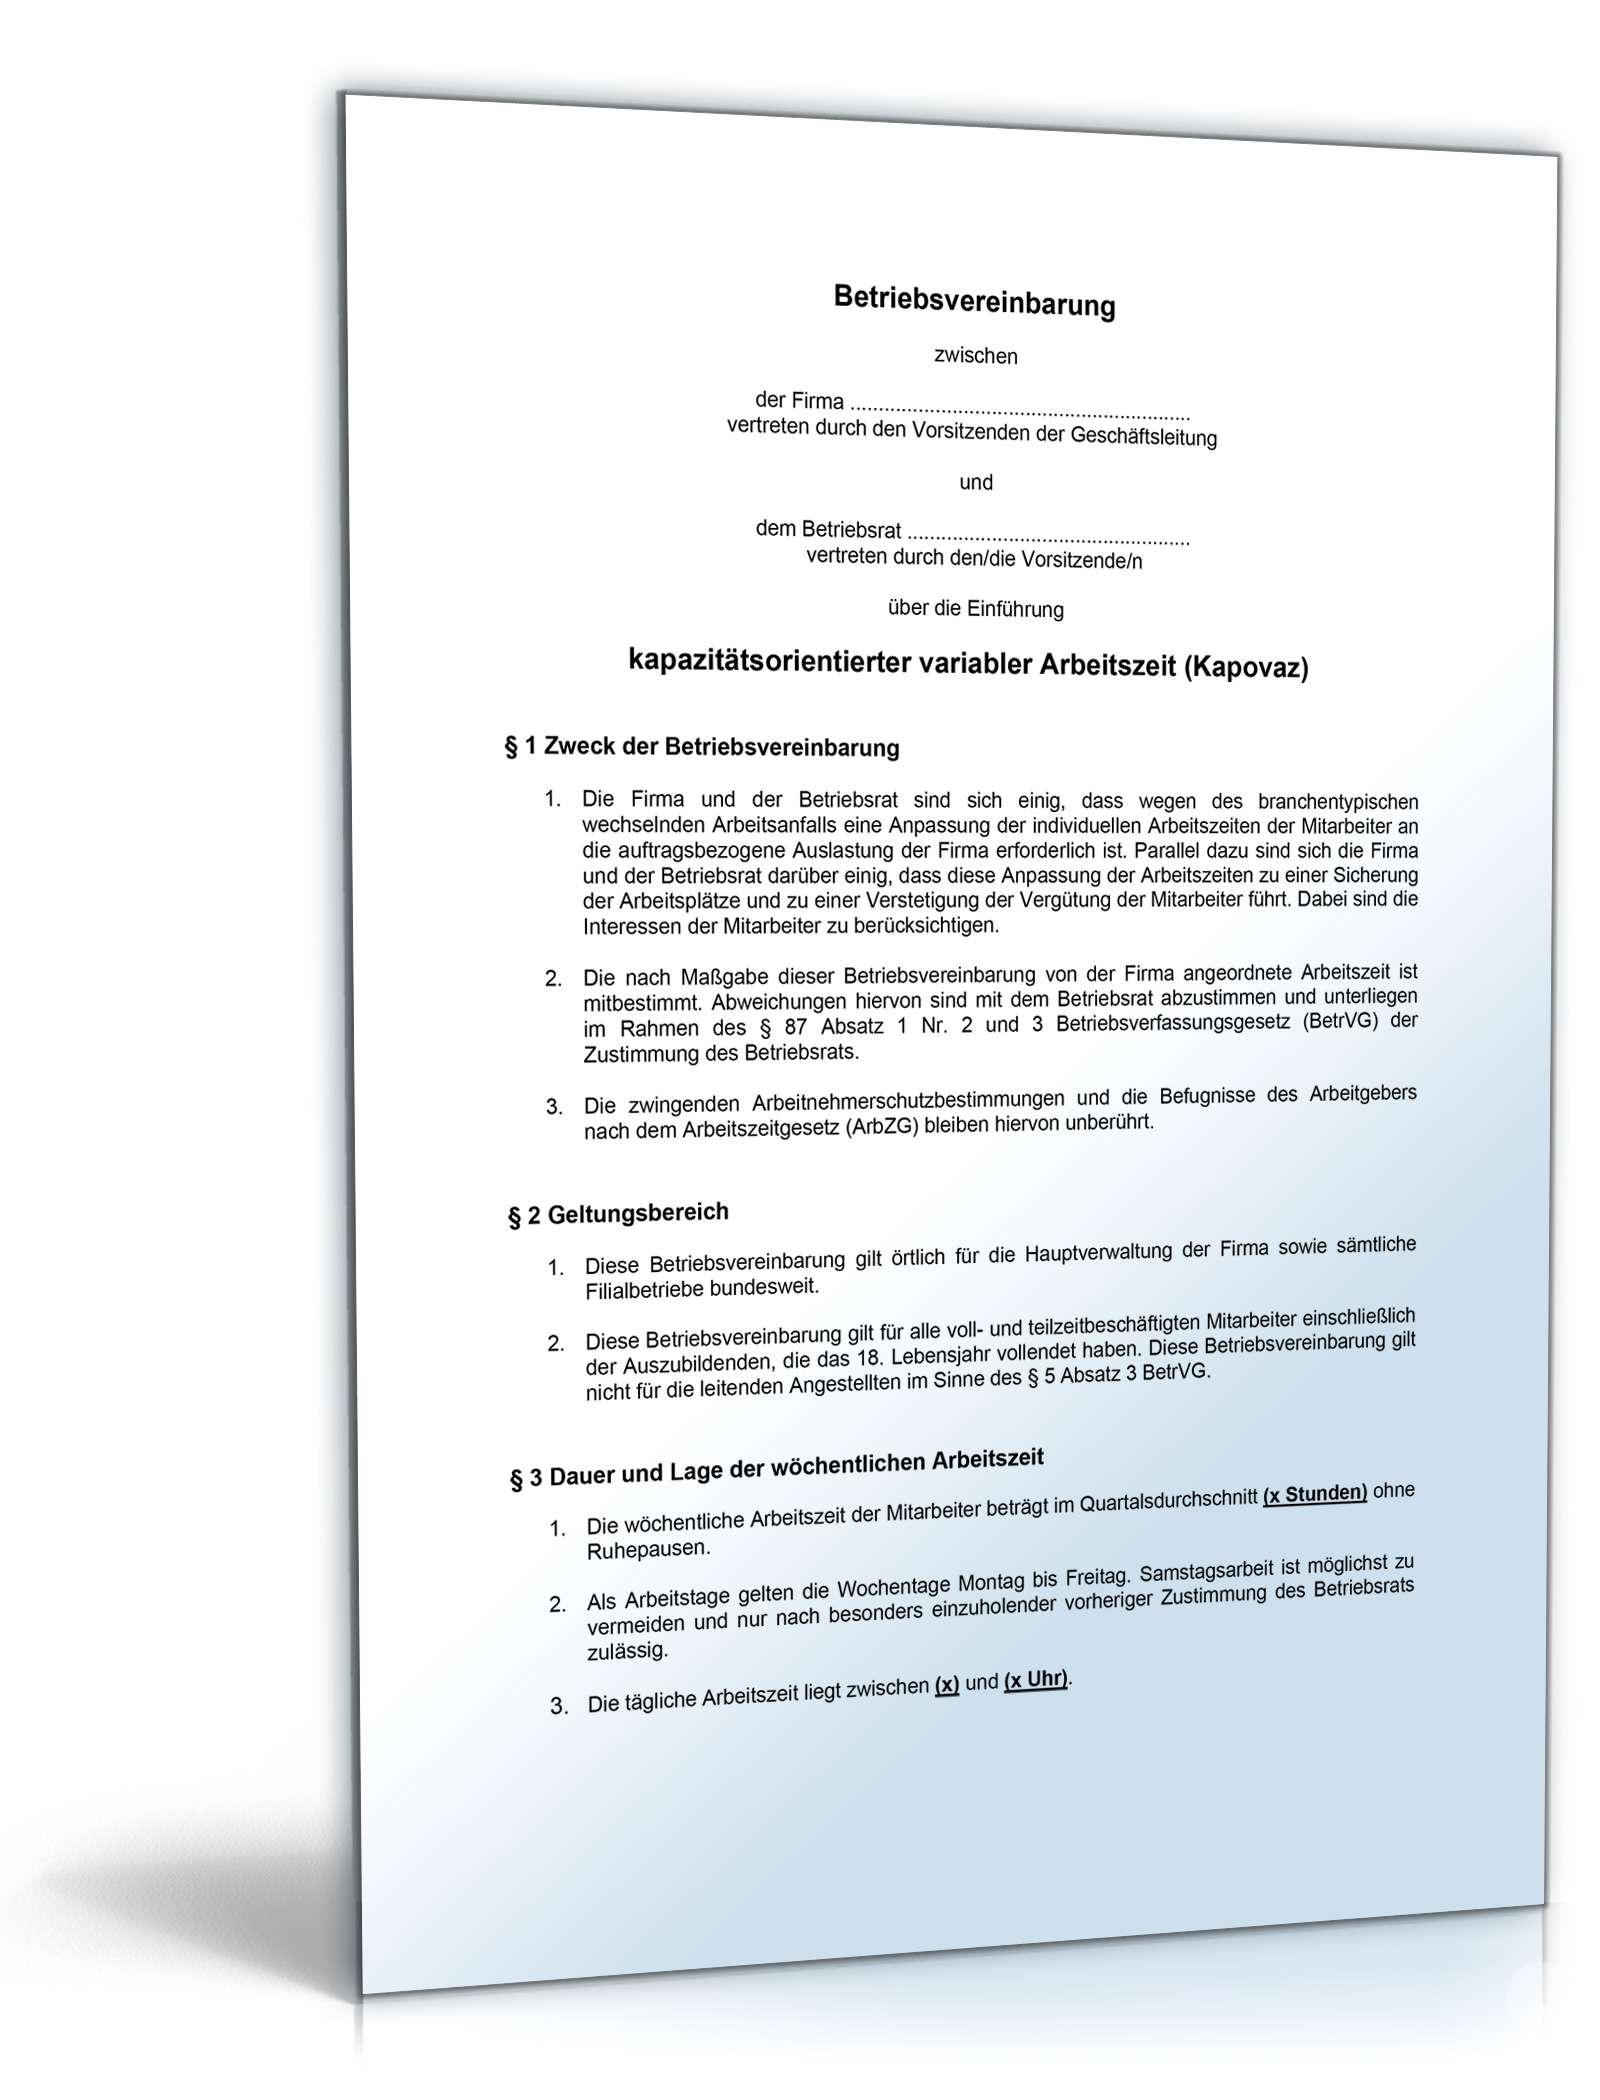 Betriebsvereinbarung Arbeitszeit Muster Vorlage Zum Download